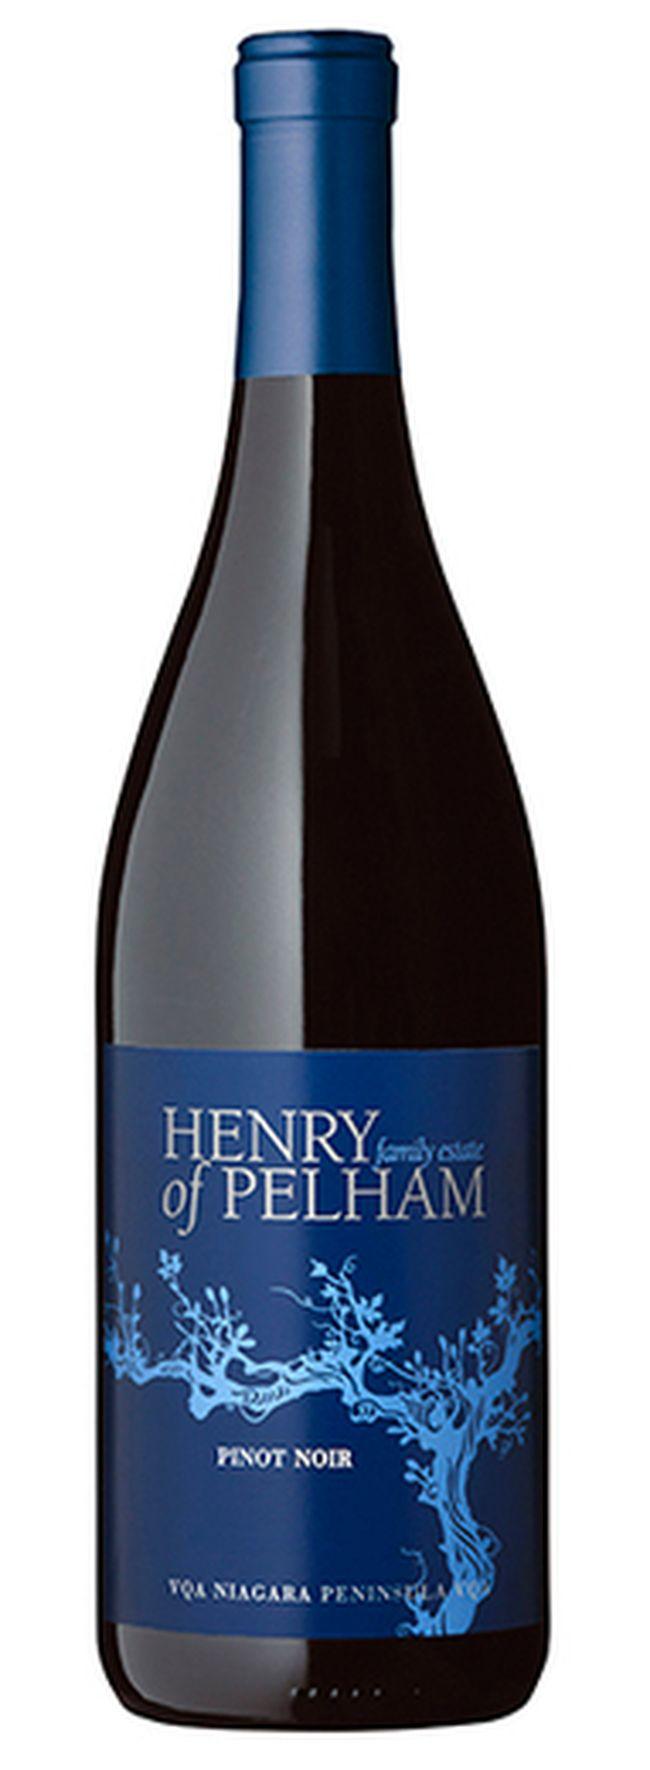 Henry of Pelham Family Estate Winery 2016 Pinot Noir